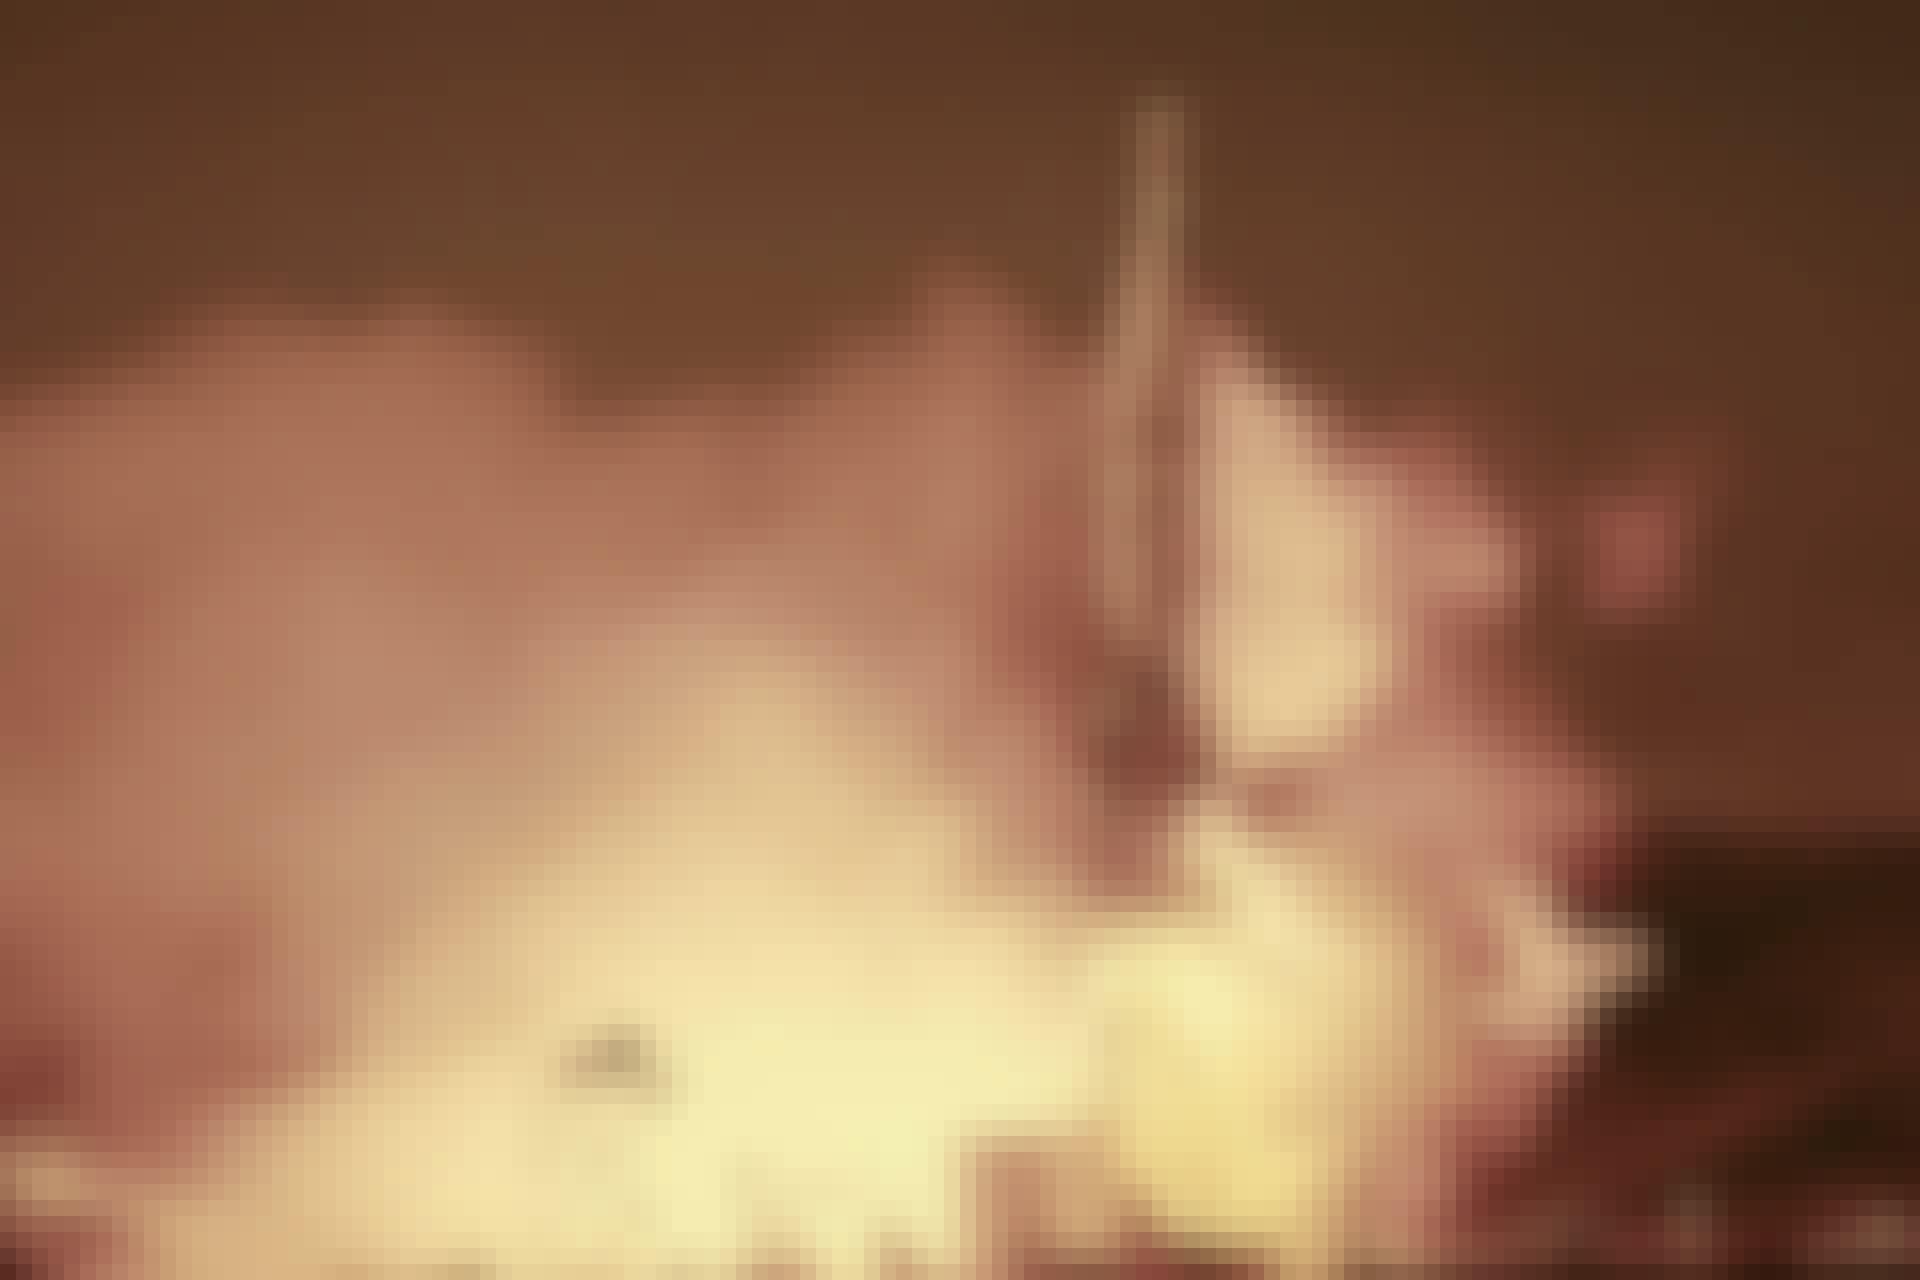 Opsending af missil under den kolde krig